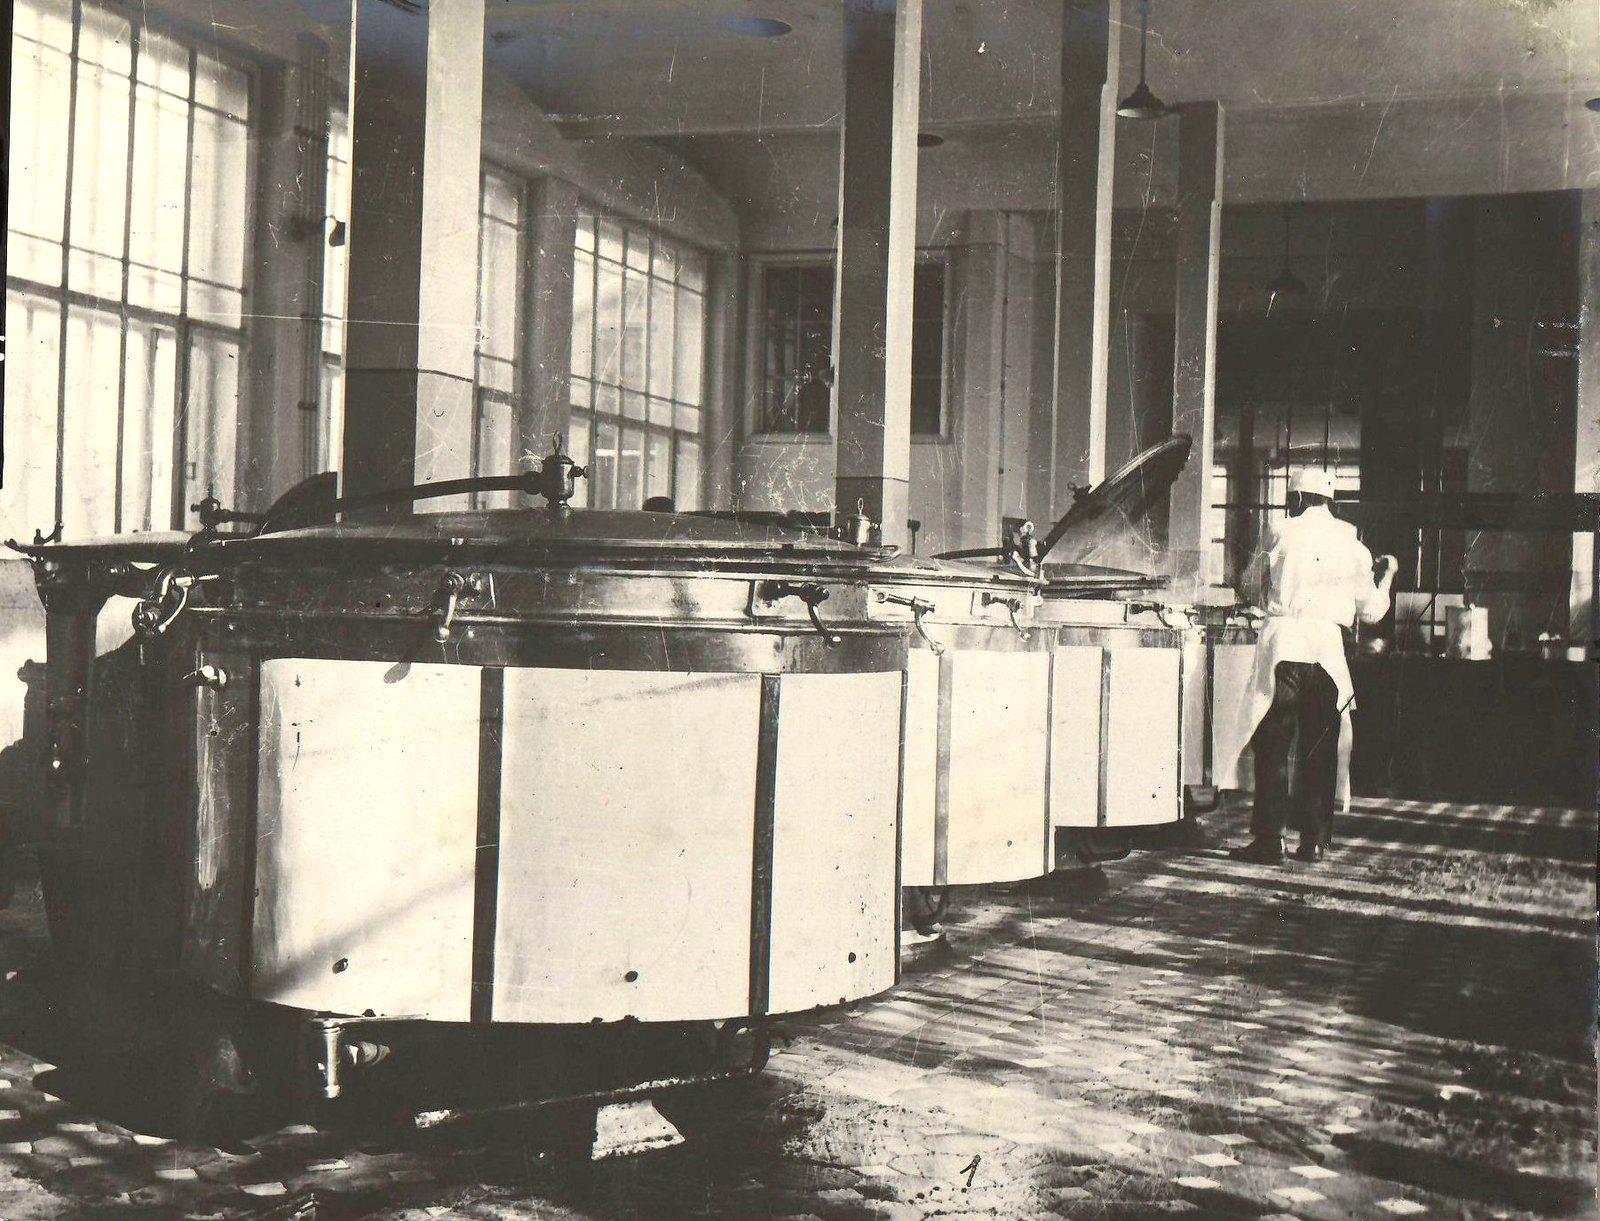 Шуя. Для обслуживания рабочих текстильных фабрик открыта новая фабрика-кухня. Котлы для приготовления супа